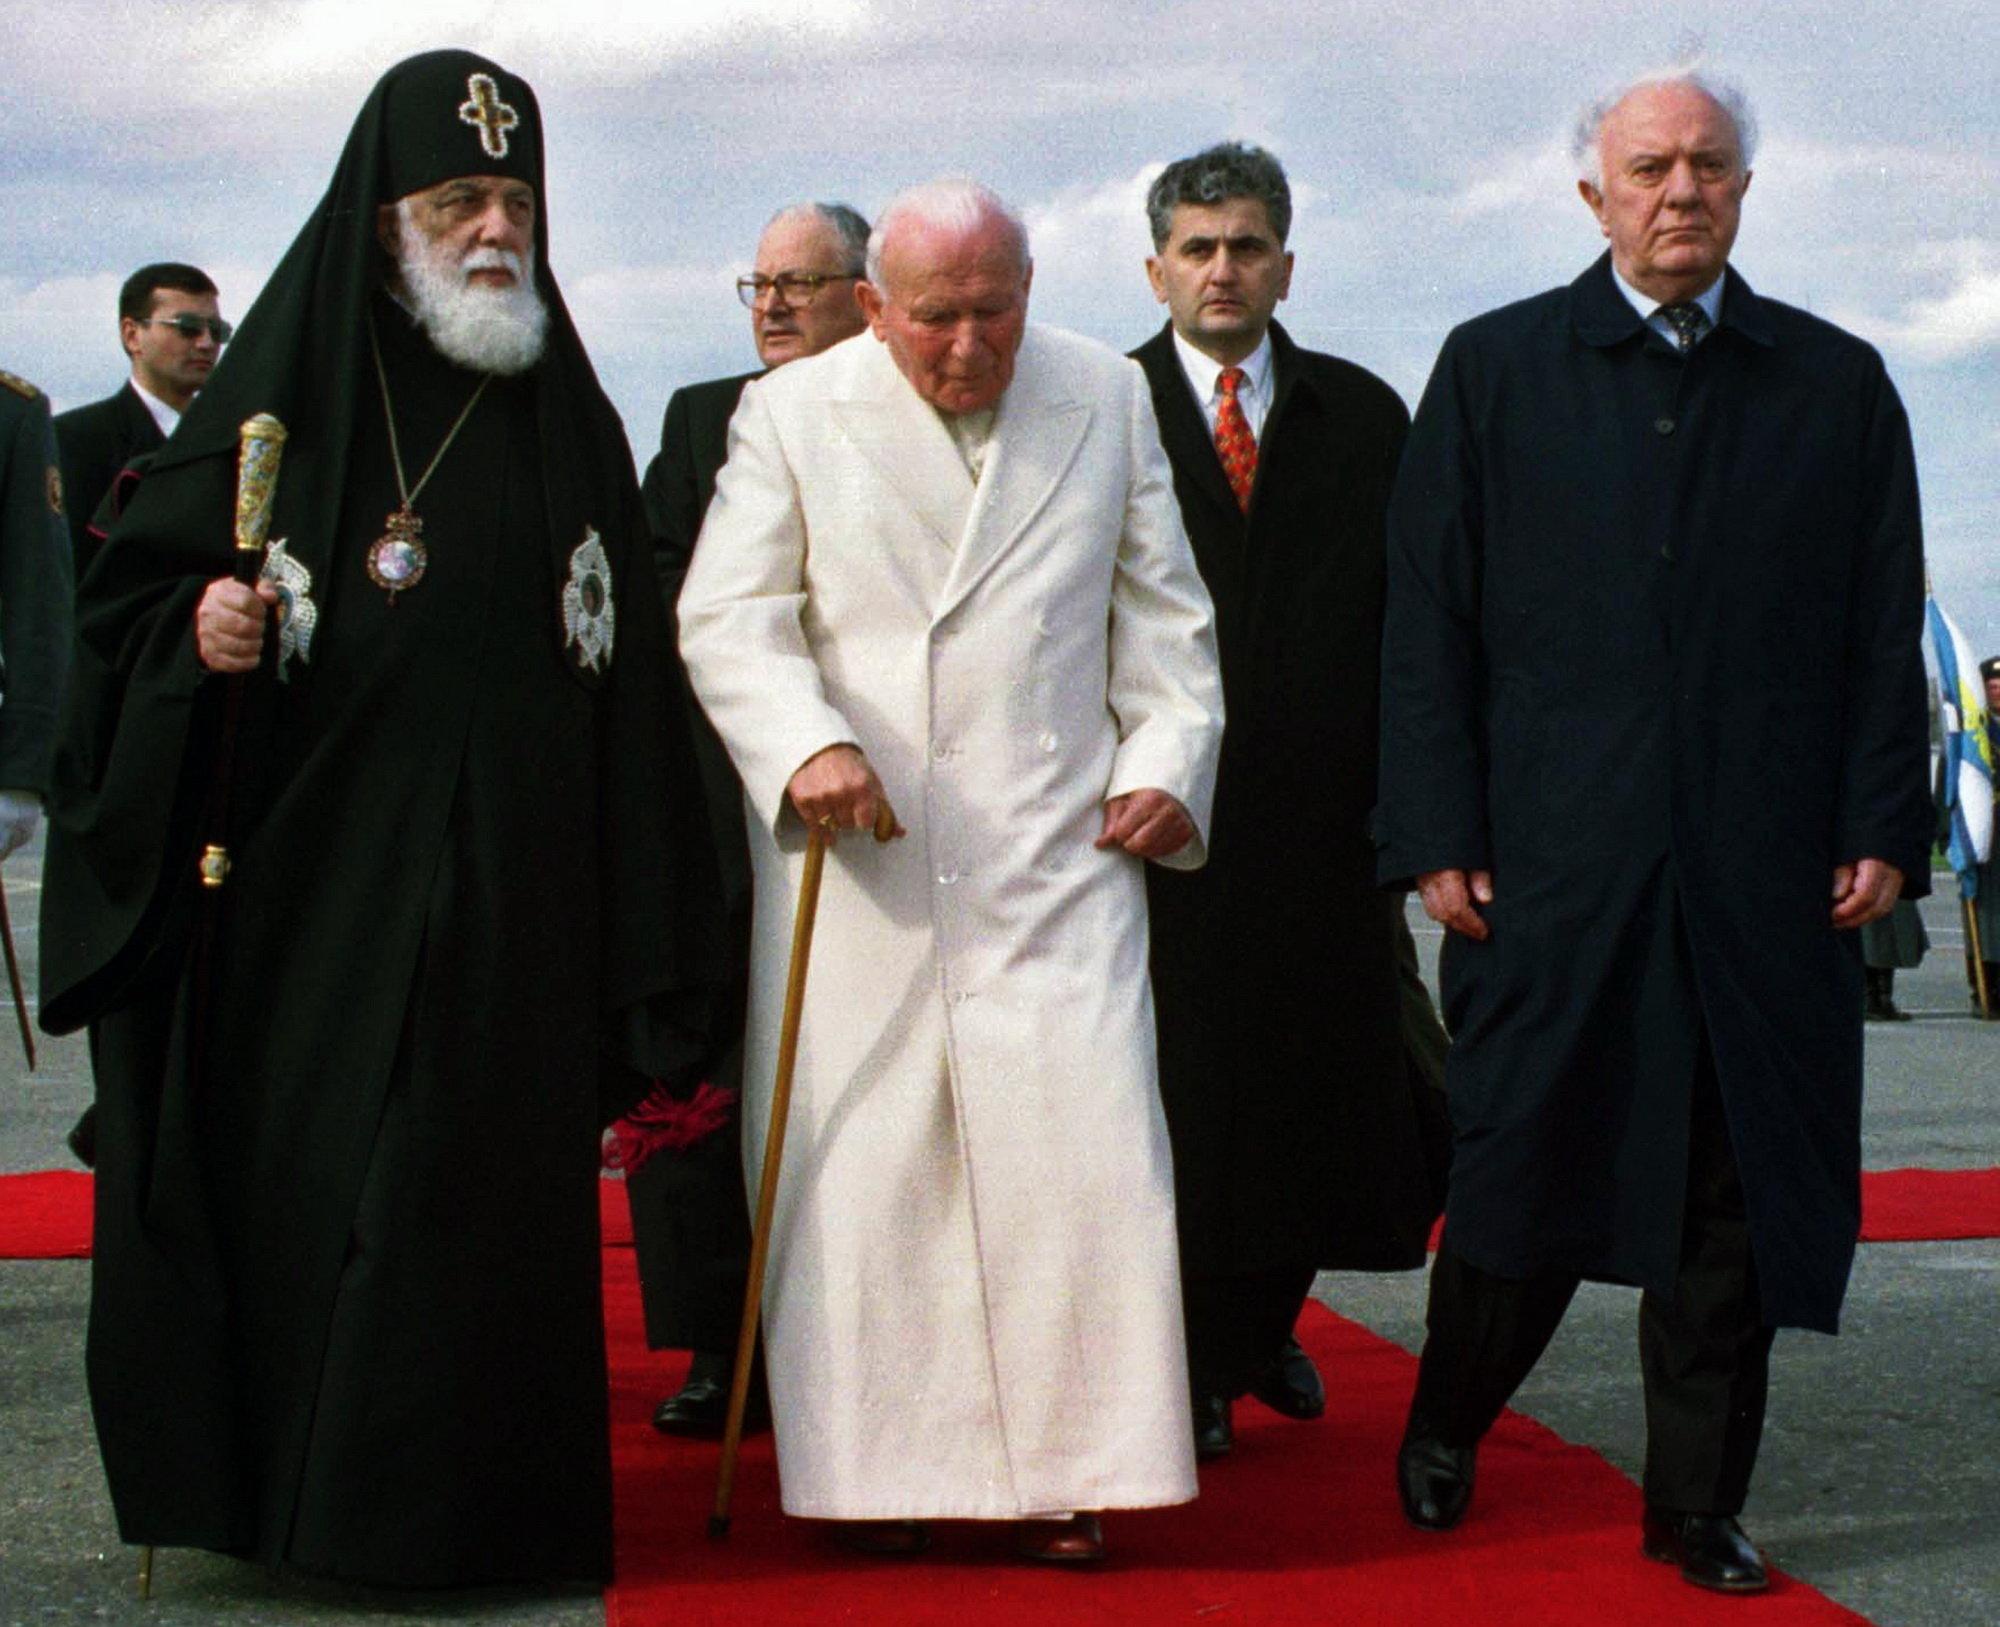 В международном аэропорту в Тбилиси Папу Римского Иоанна Павла II встречали президент Грузии Эдуард Шеварднадзе и глава Грузинской Православной церкви Католикос-Патриарх Всея Грузии Илия II